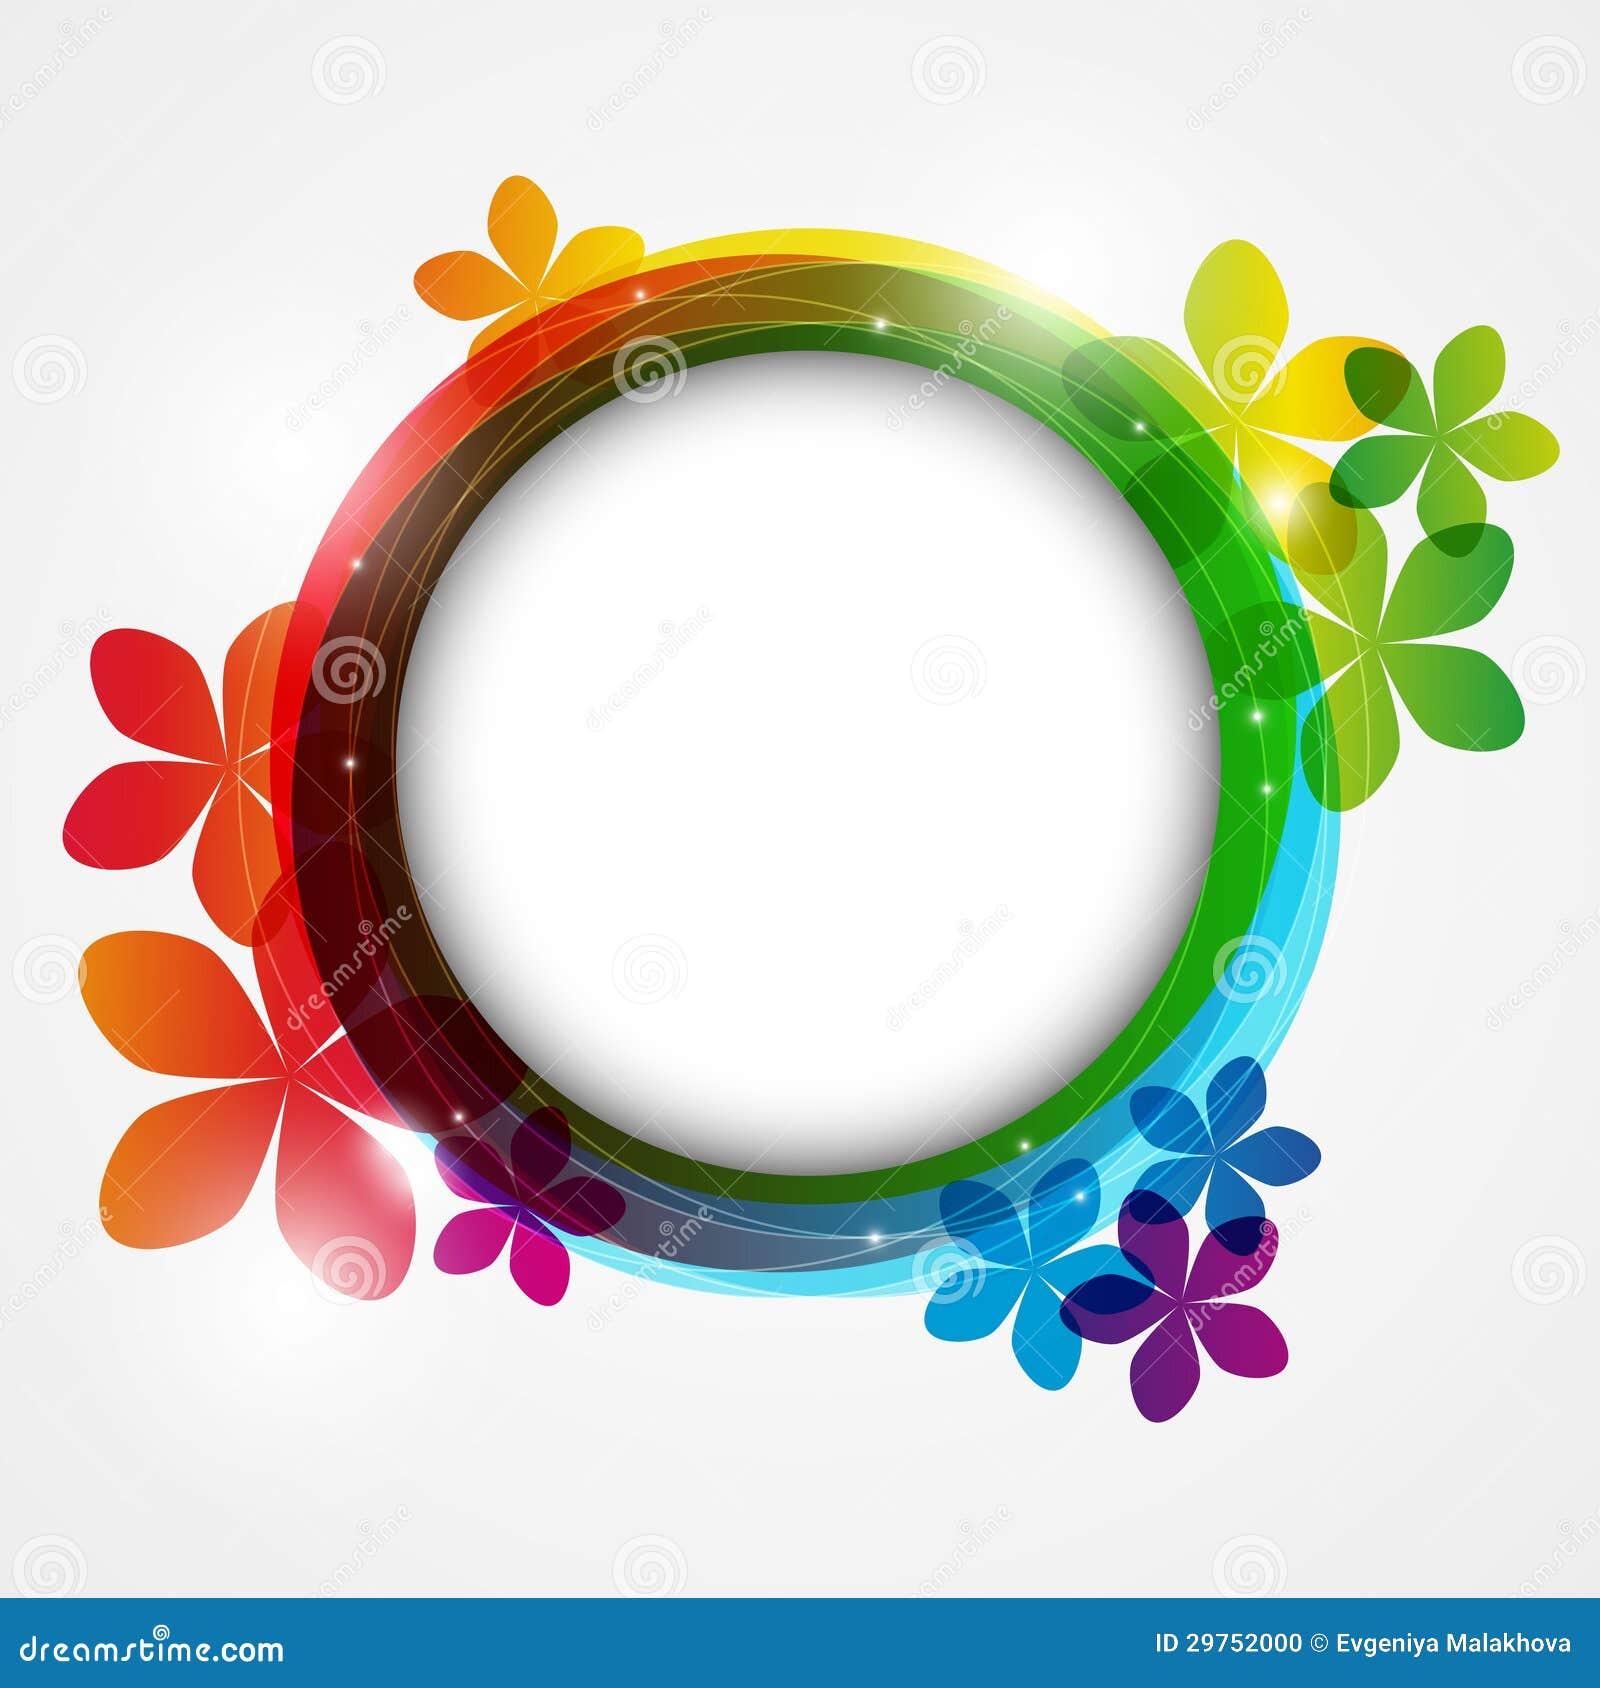 Marco redondo del color ilustraci n del vector imagen de - Marcos redondos para cuadros ...